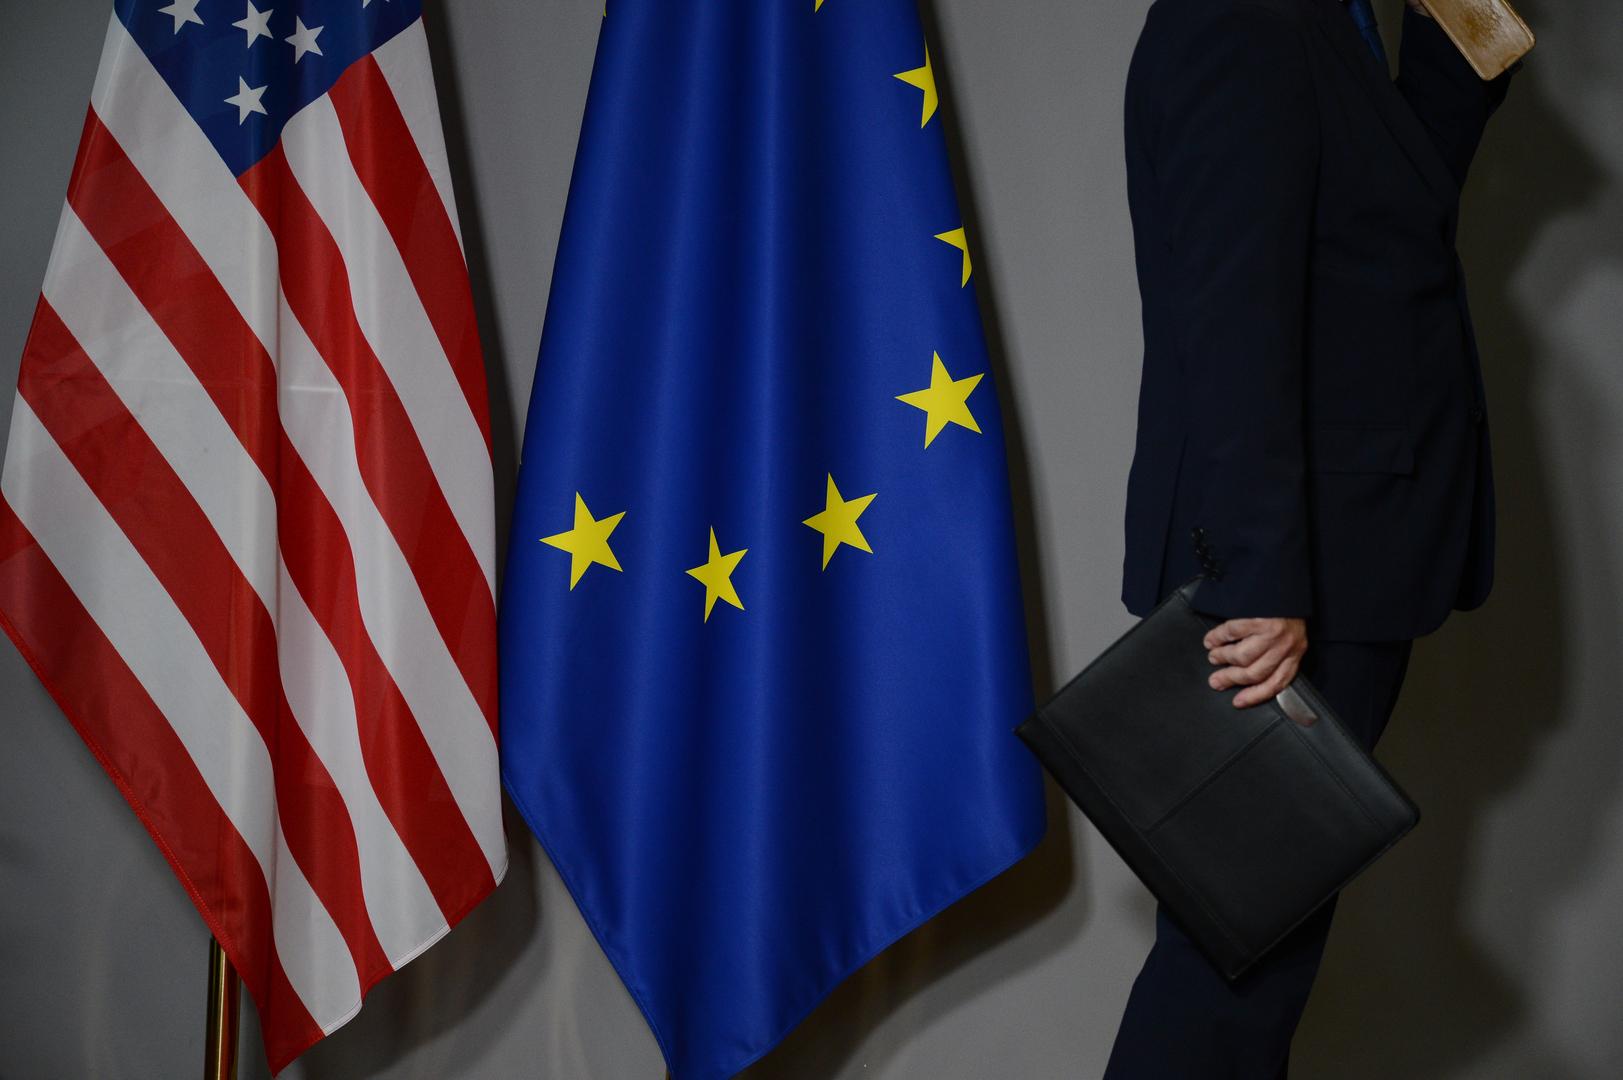 استطلاعات: صورة الولايات المتحدة في الخارج تحسنت منذ أن تولى بايدن منصبه